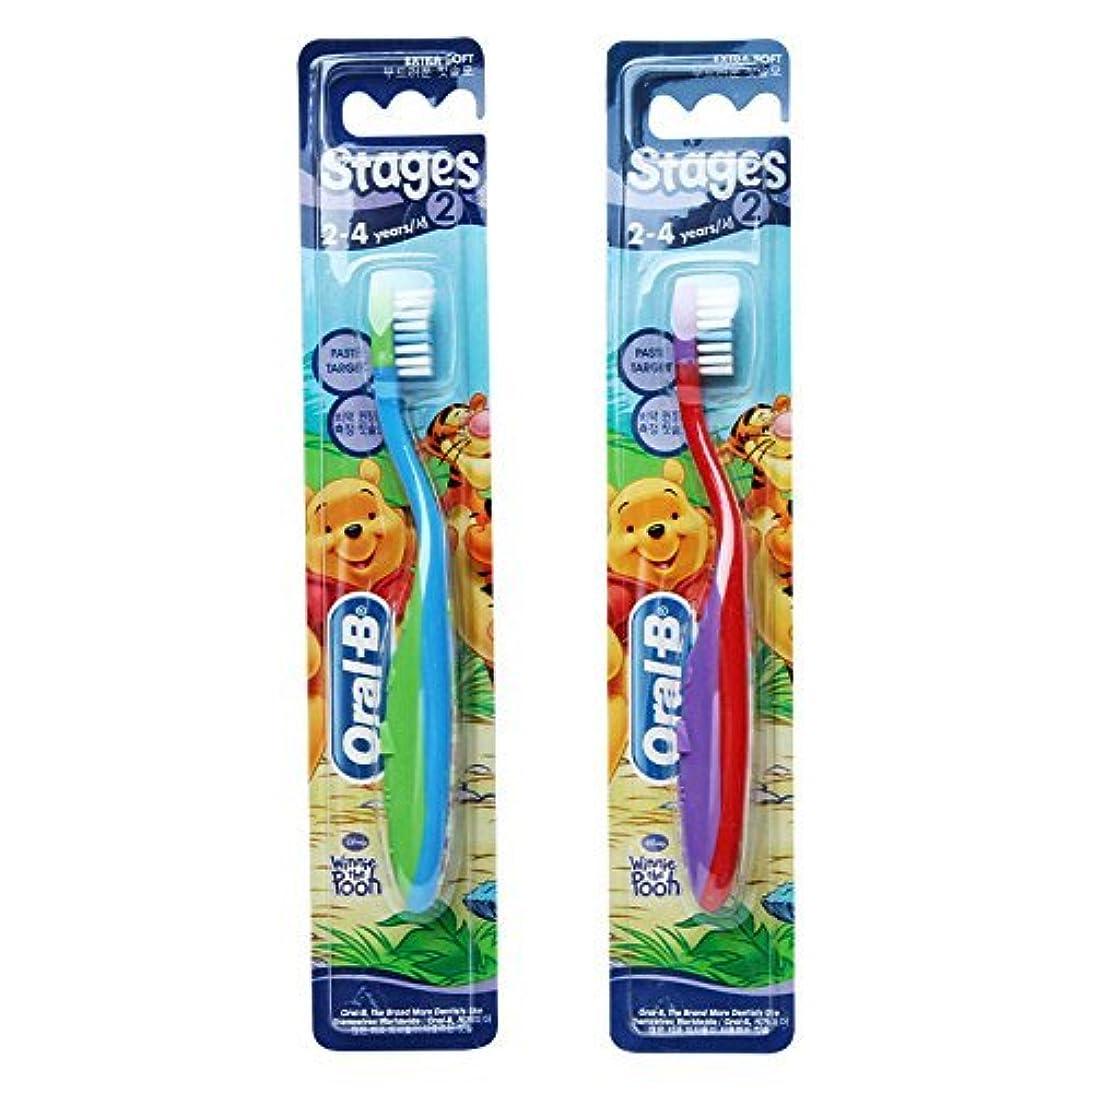 賞賛パッド差し迫ったOral-B Stages 2 Toothbrush 2 - 4 years 2 Pack /GENUINEと元の梱包 [並行輸入品]